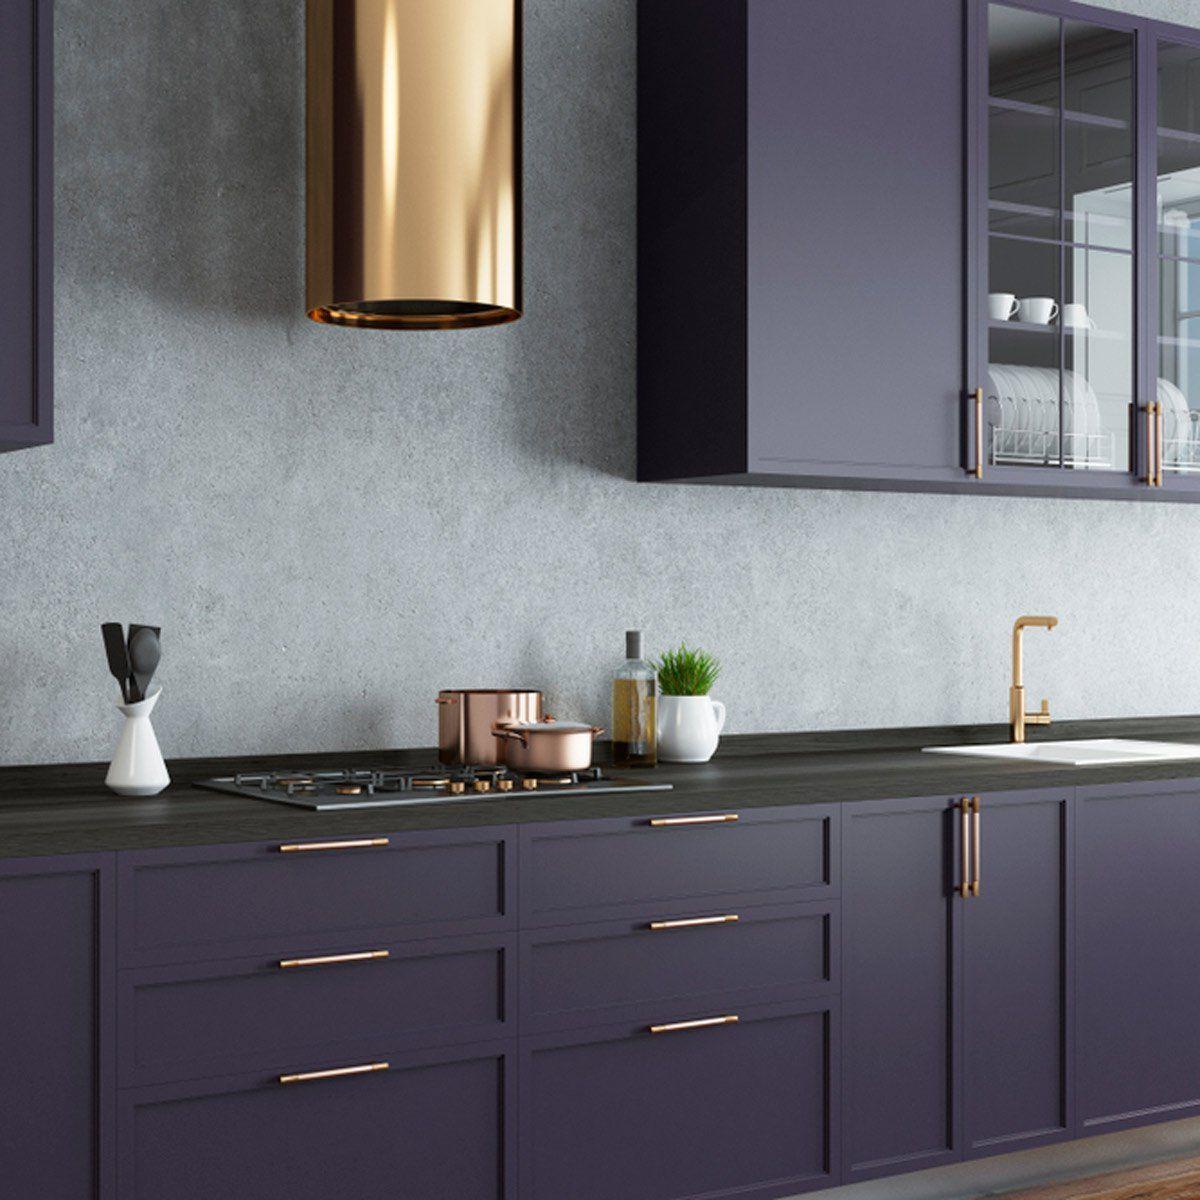 13 Stunning Dark Kitchen Cabinet Ideas Dark Kitchen Cabinets Dark Kitchen Purple Kitchen